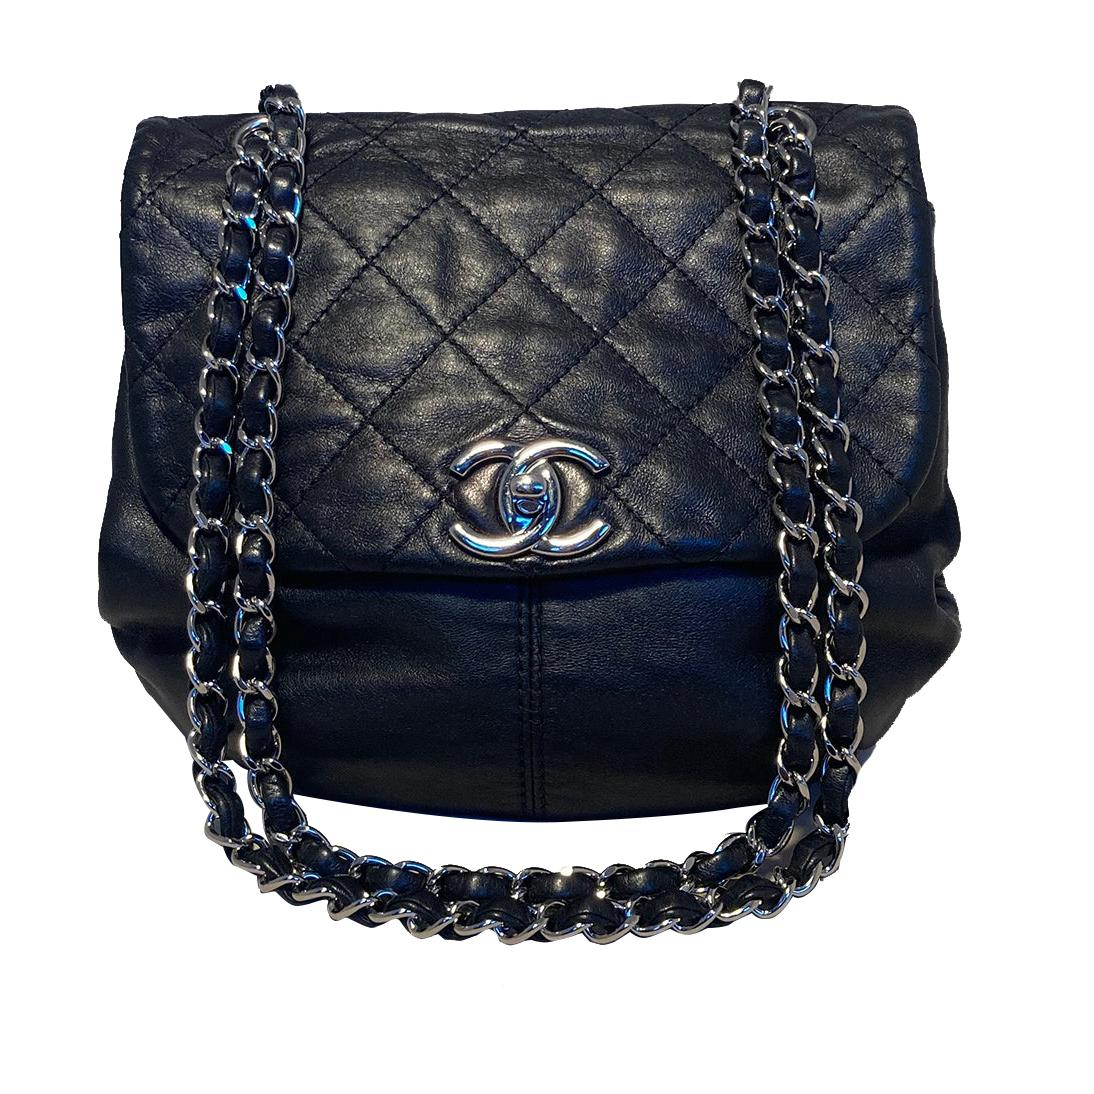 Chanel Black Leather Bucket Flap Shoulder Bag